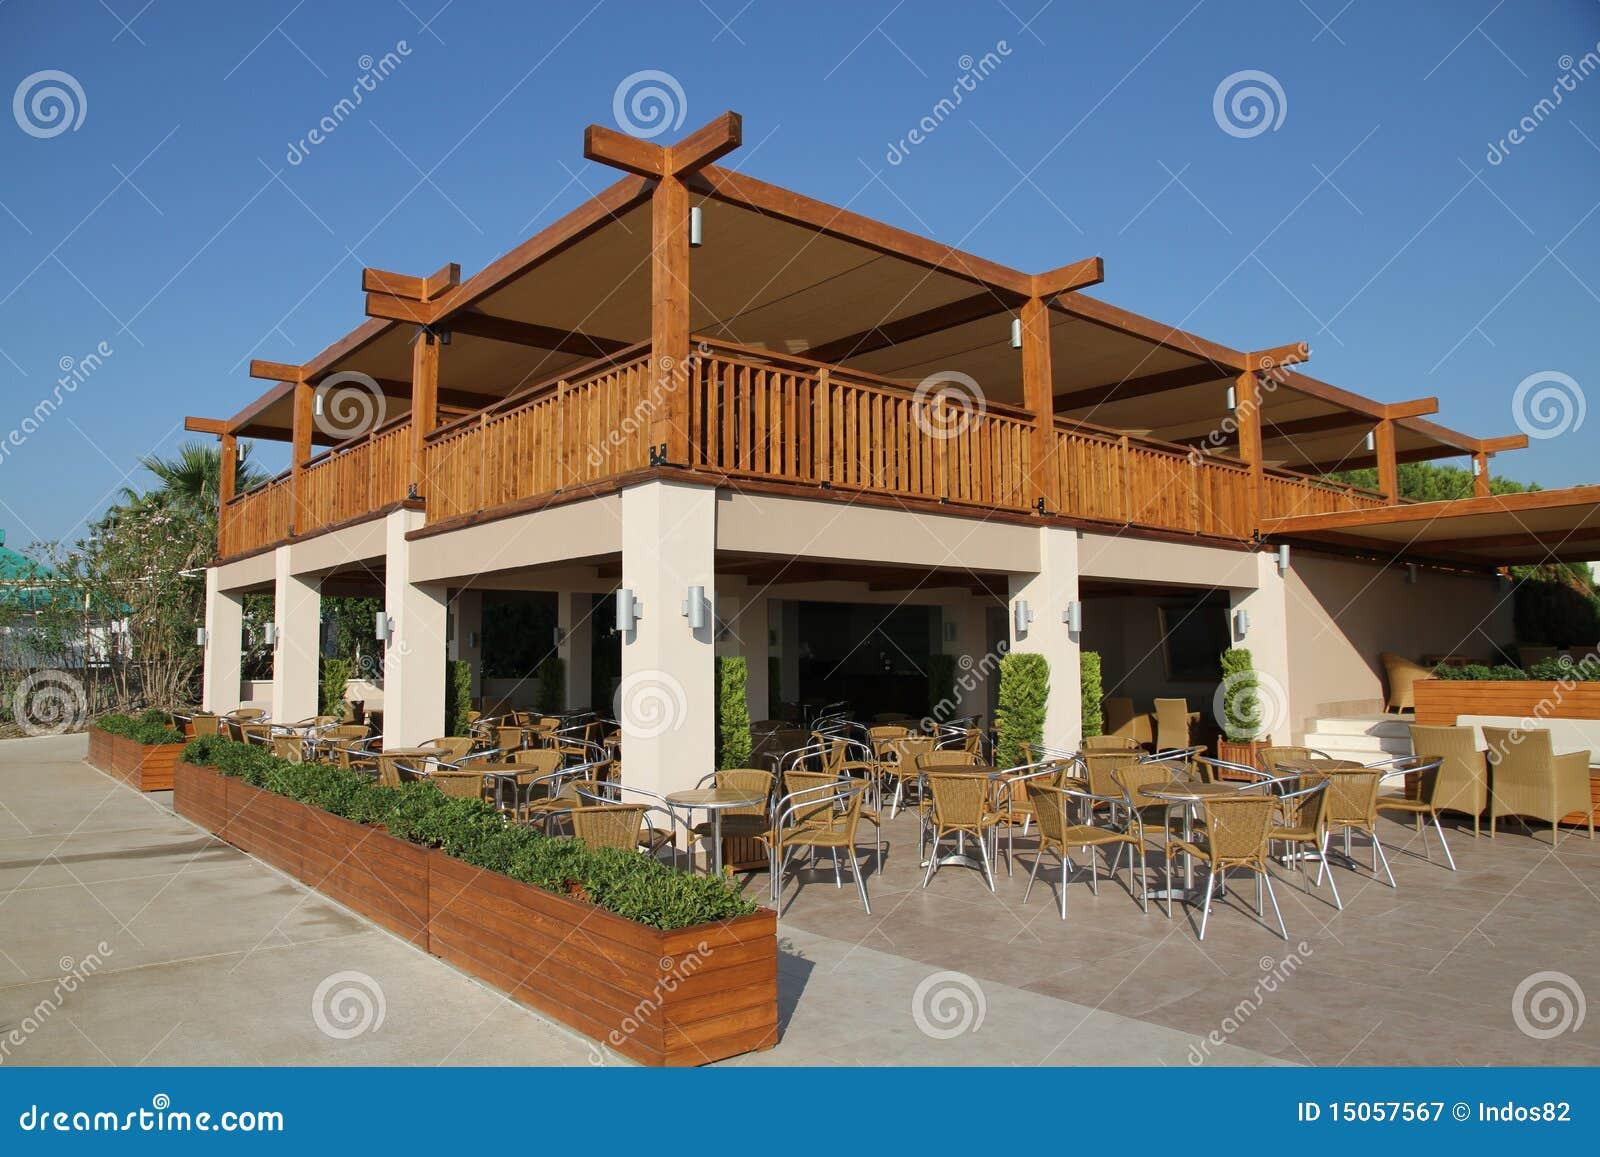 Restaurant ext rieur photographie stock libre de droits for Restaurant exterieur